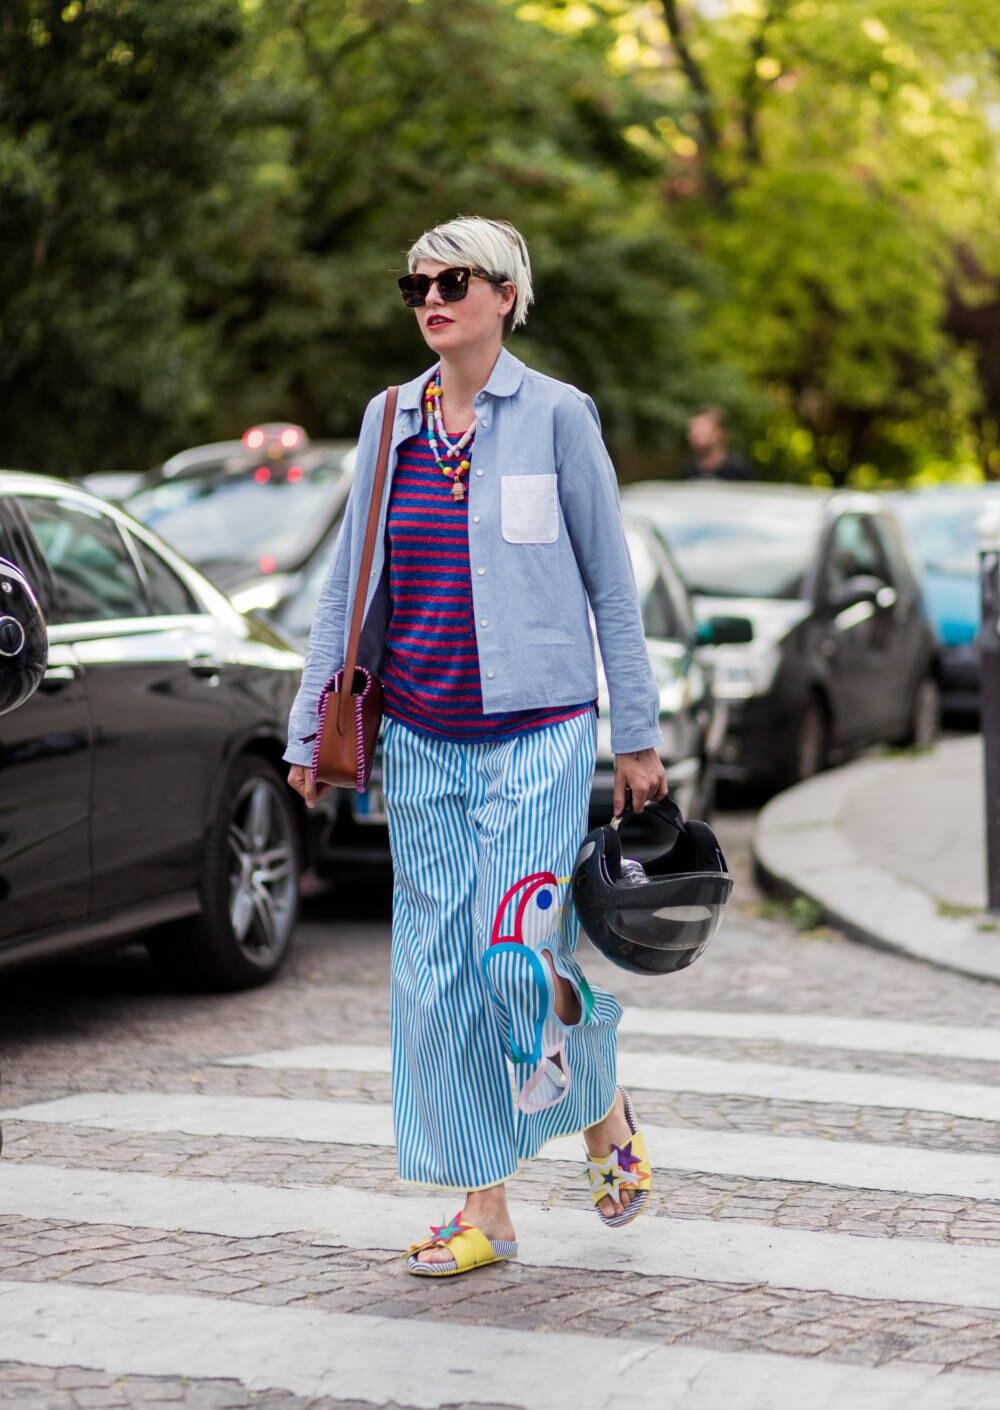 Manche Mode-Experten tragen die bunte Signature-Badelatsche gerne im Li-La-Laune-Look mit Kinderholzkette, Ringelshirt und Pyjamahose